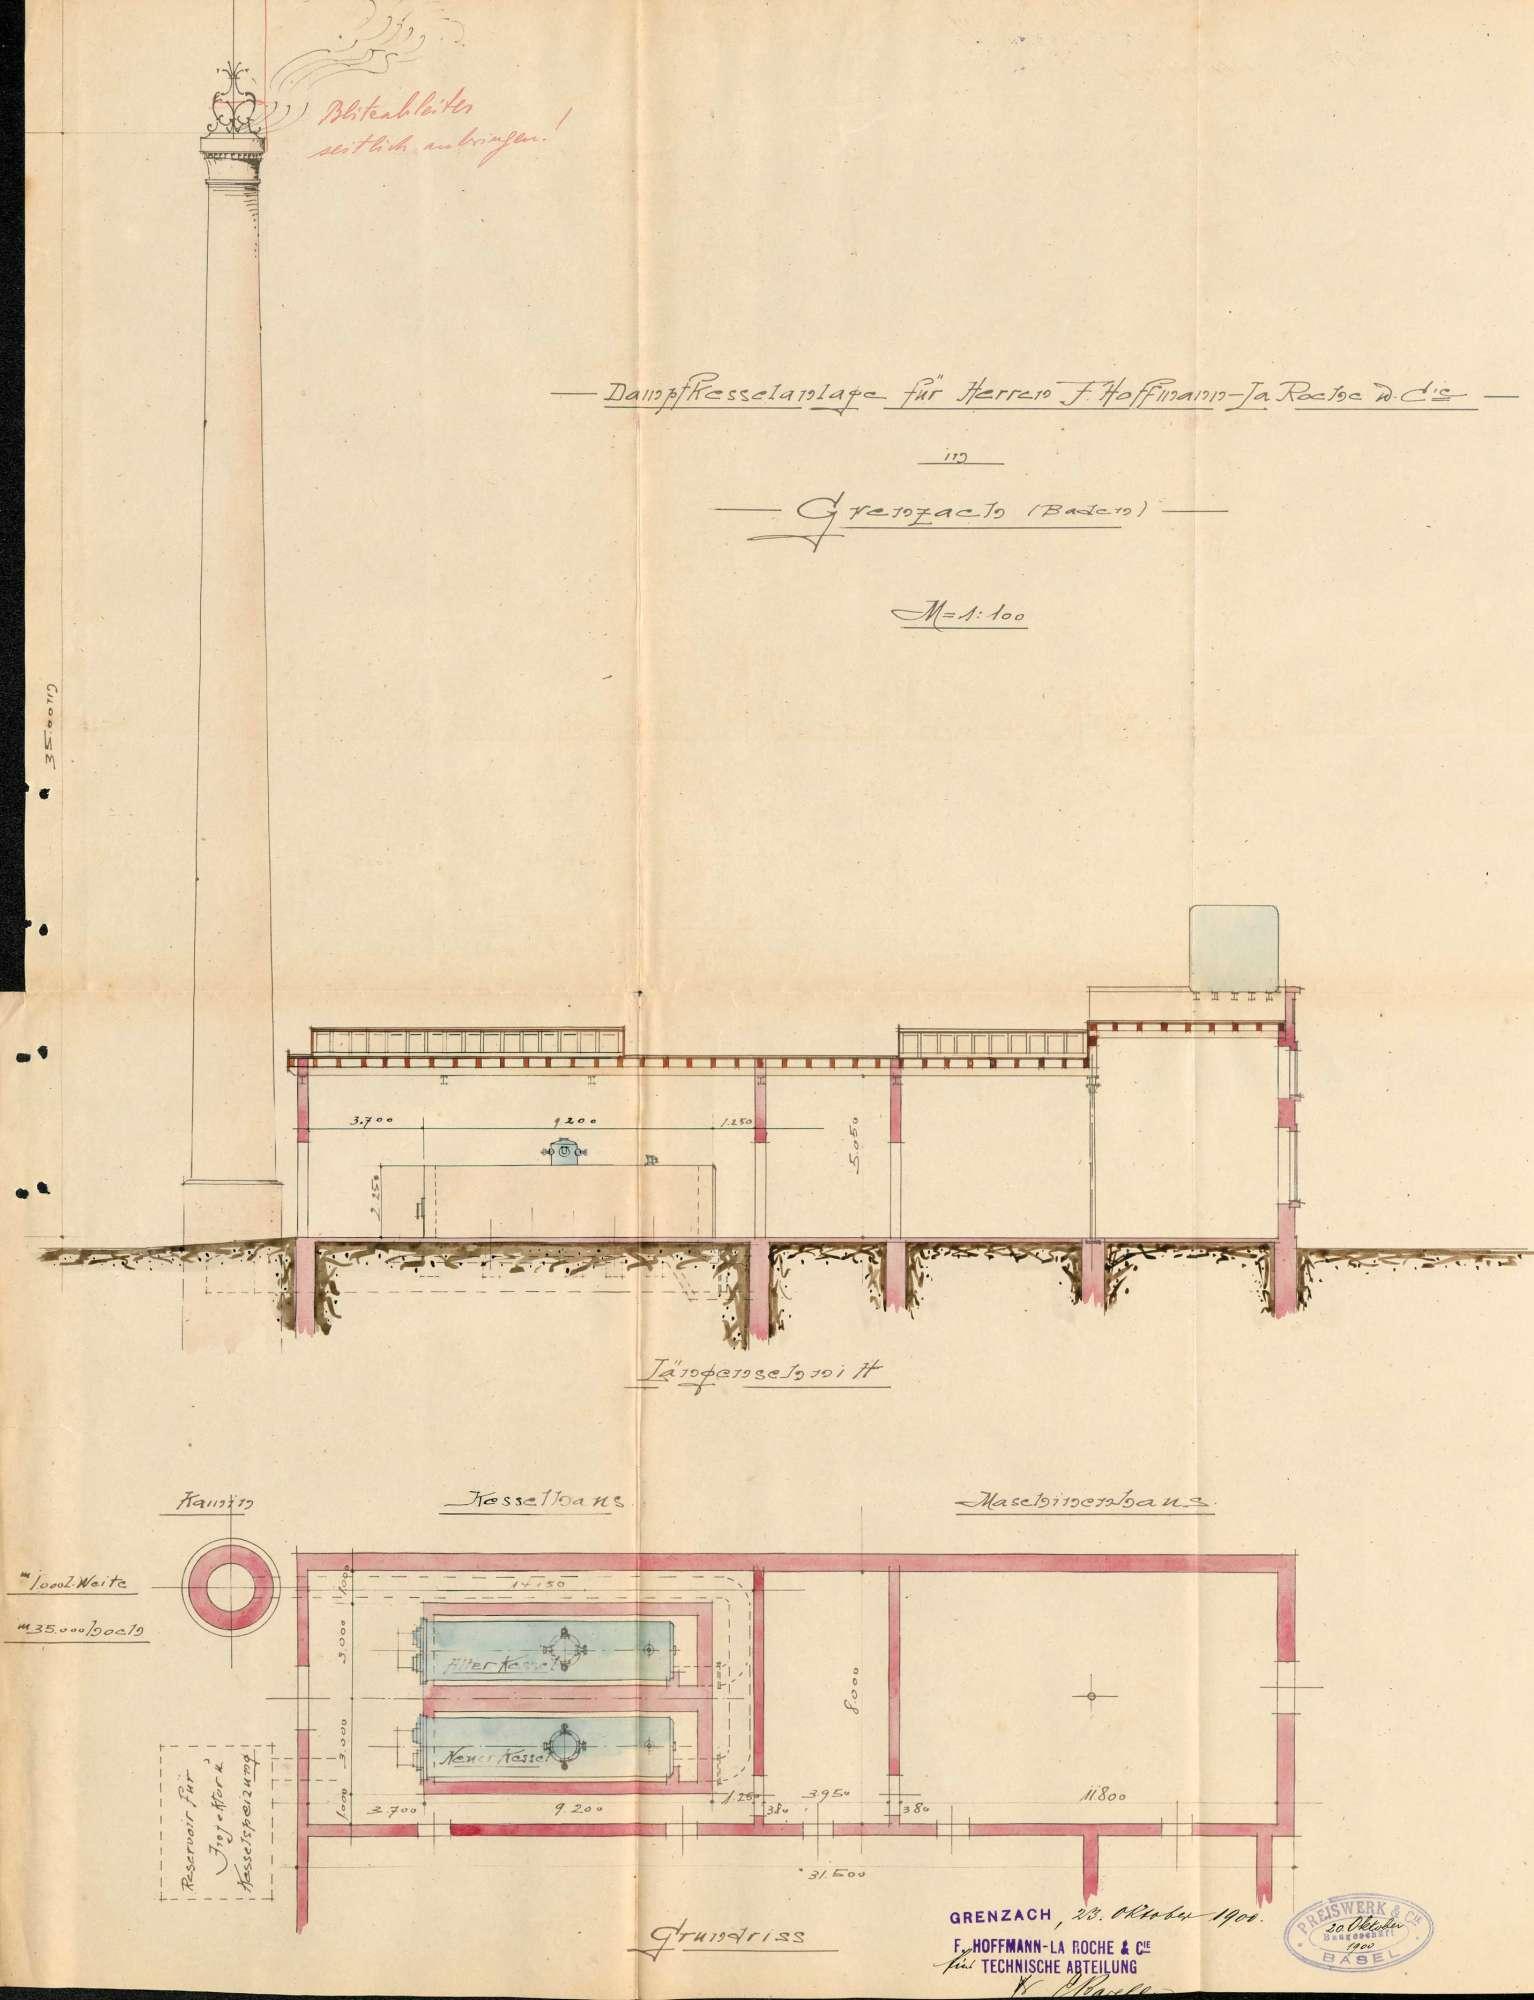 Gesuch der Fa. Hoffmann-La Roche & Cie in Grenzach um Erlaubnis zur Anlegung eines Dampfkessels und zum Umbau des Kesselhauses, Bild 2